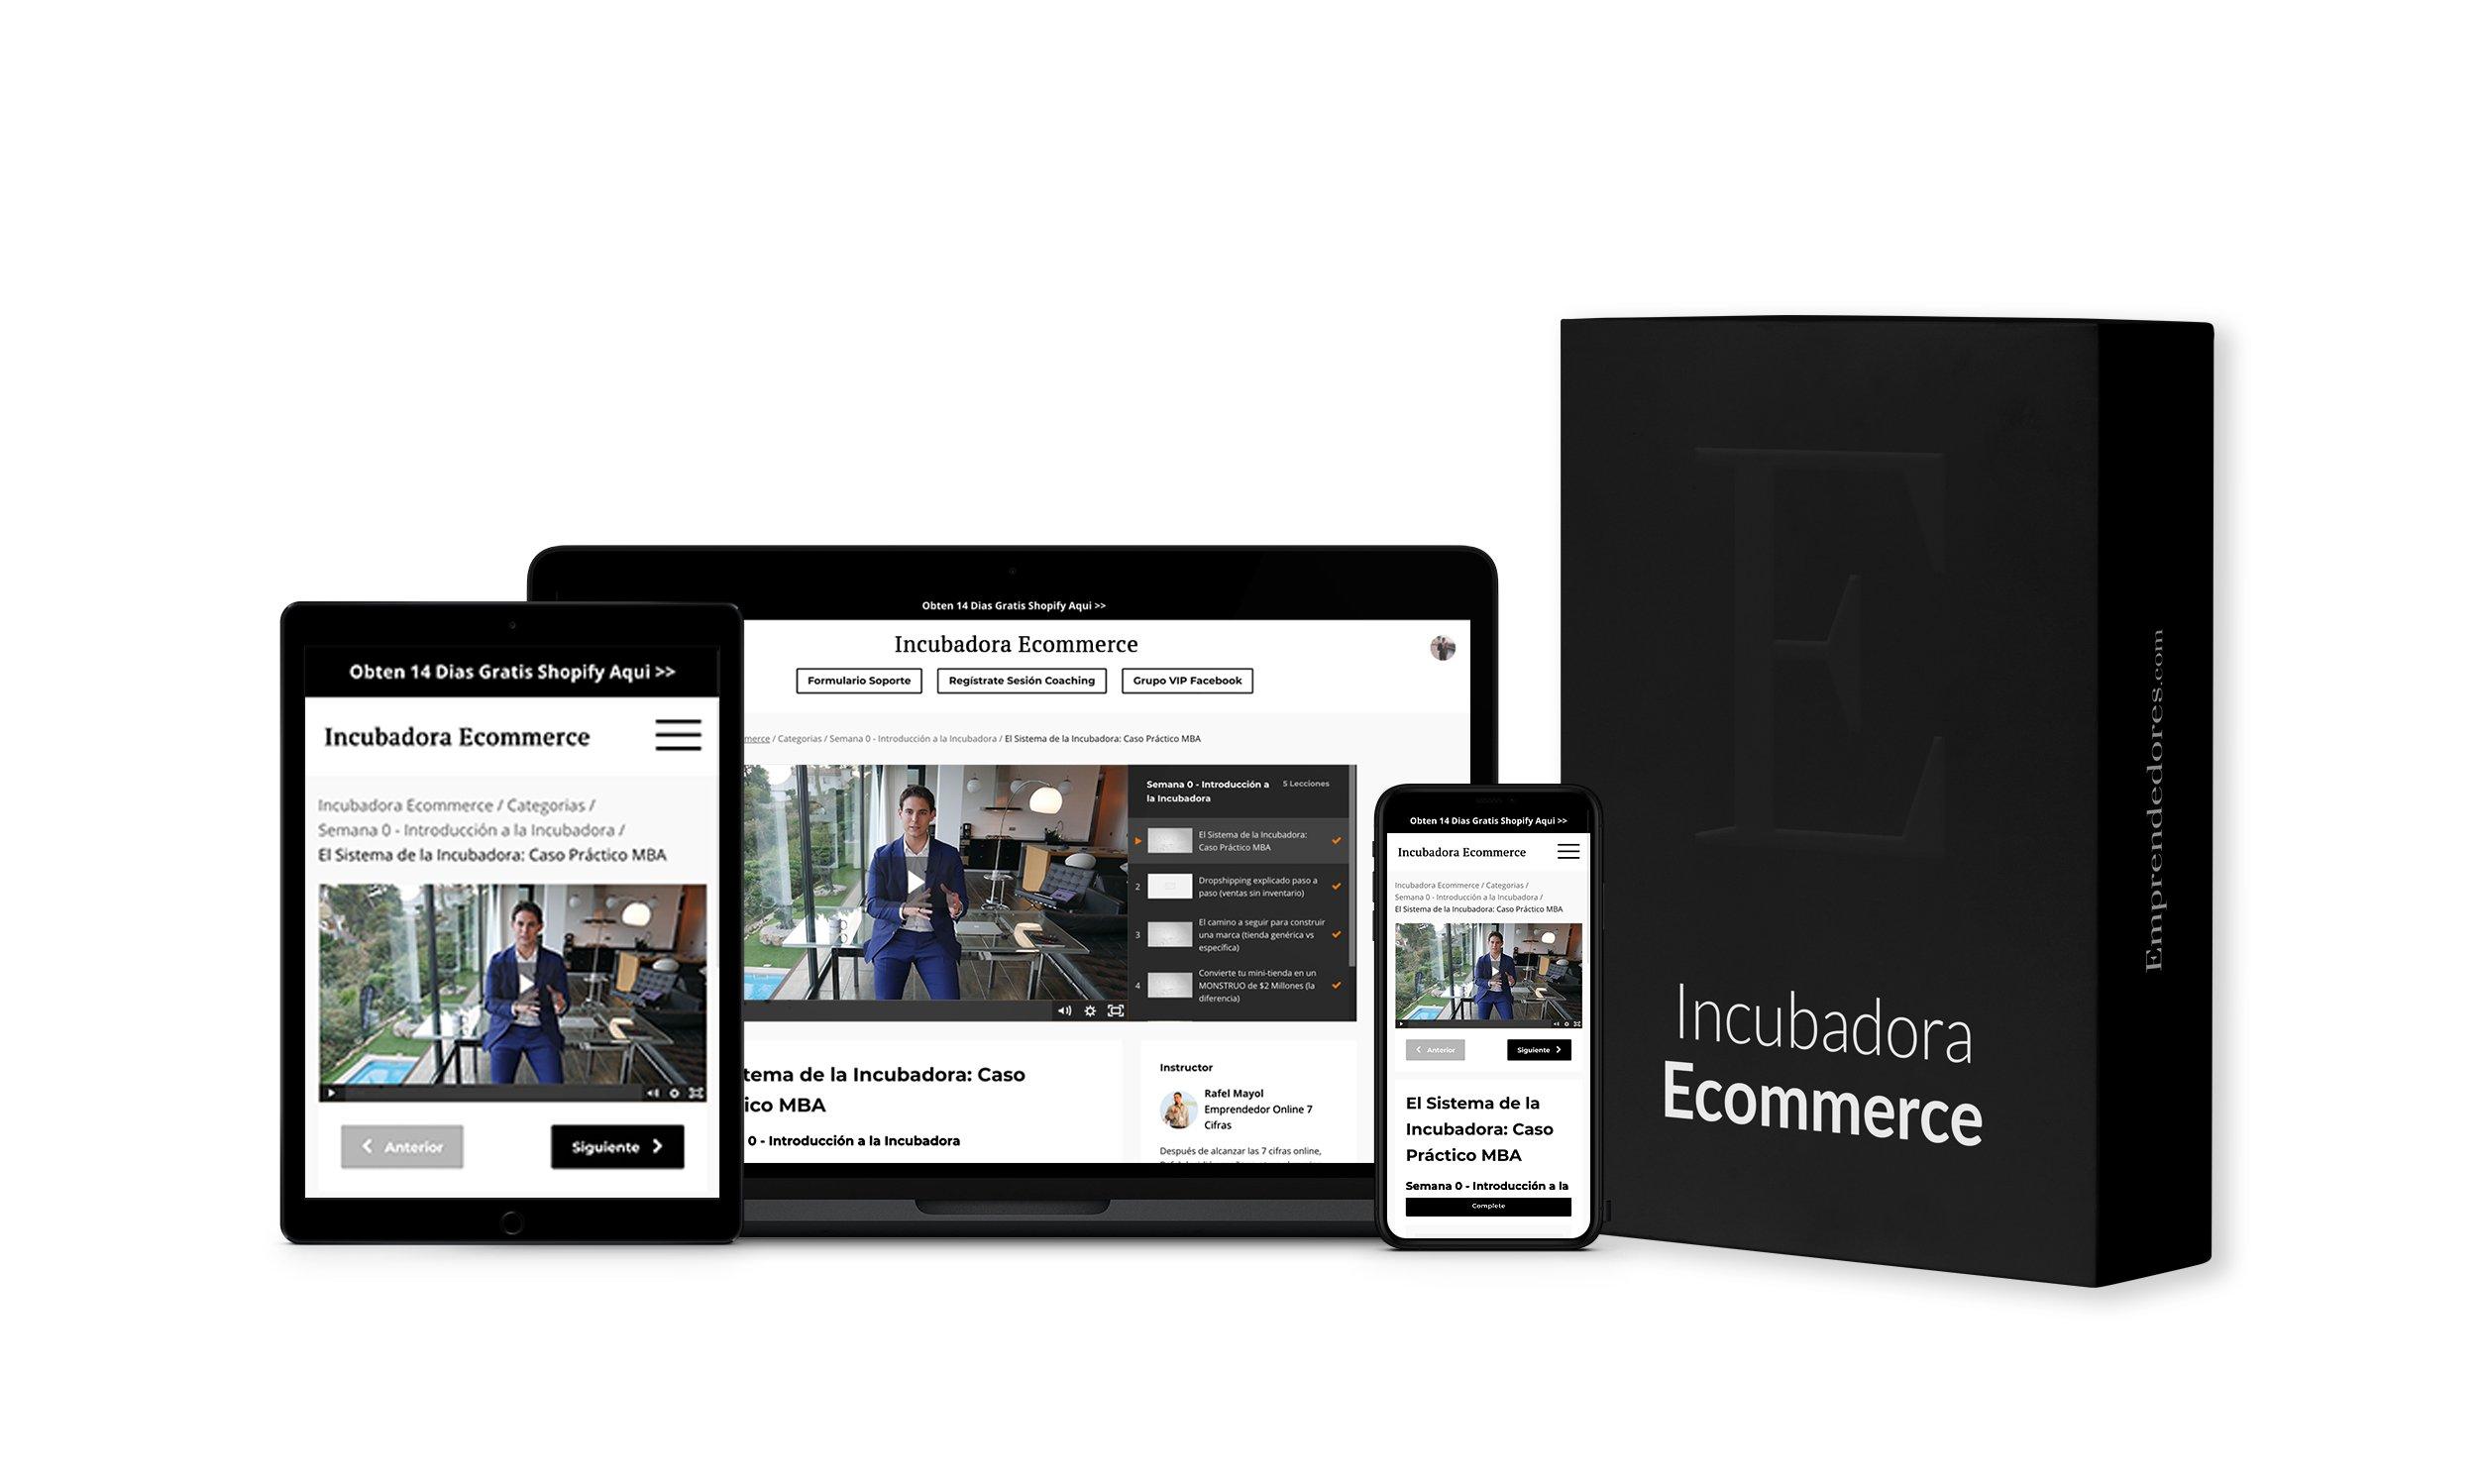 curso incubadora ecommerce